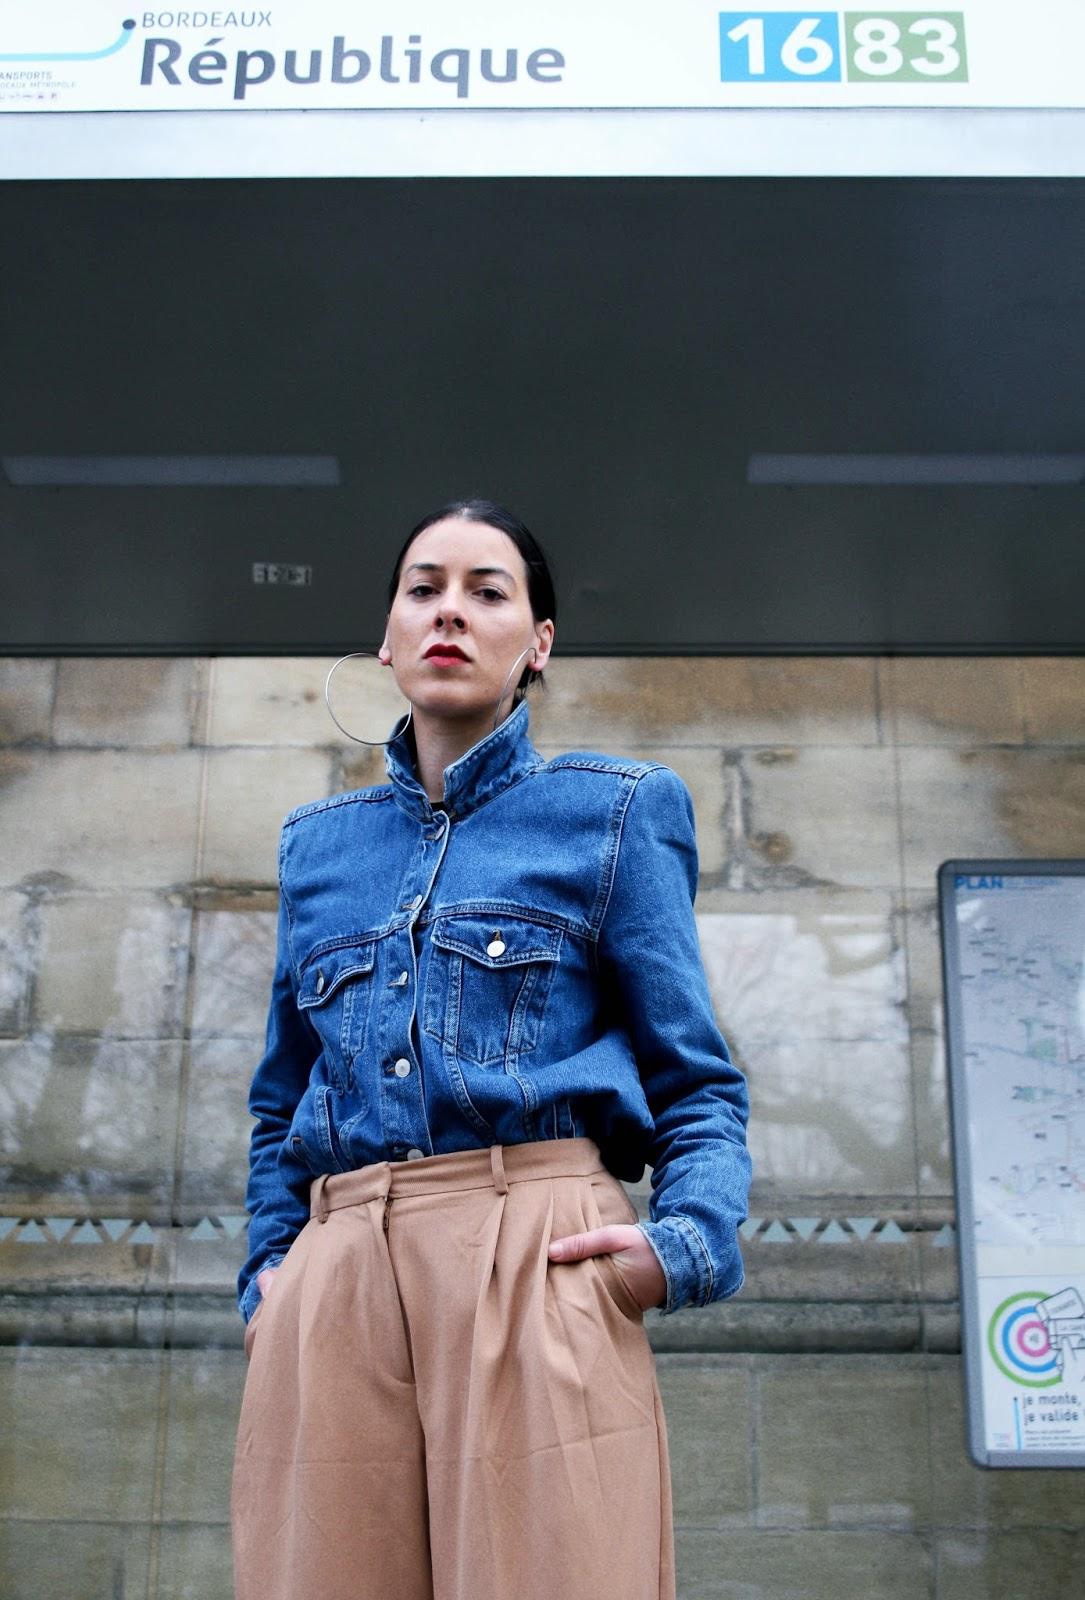 Veste en jean inspiration balenciaga et pantalon oversize idée de look hiver/ printemps